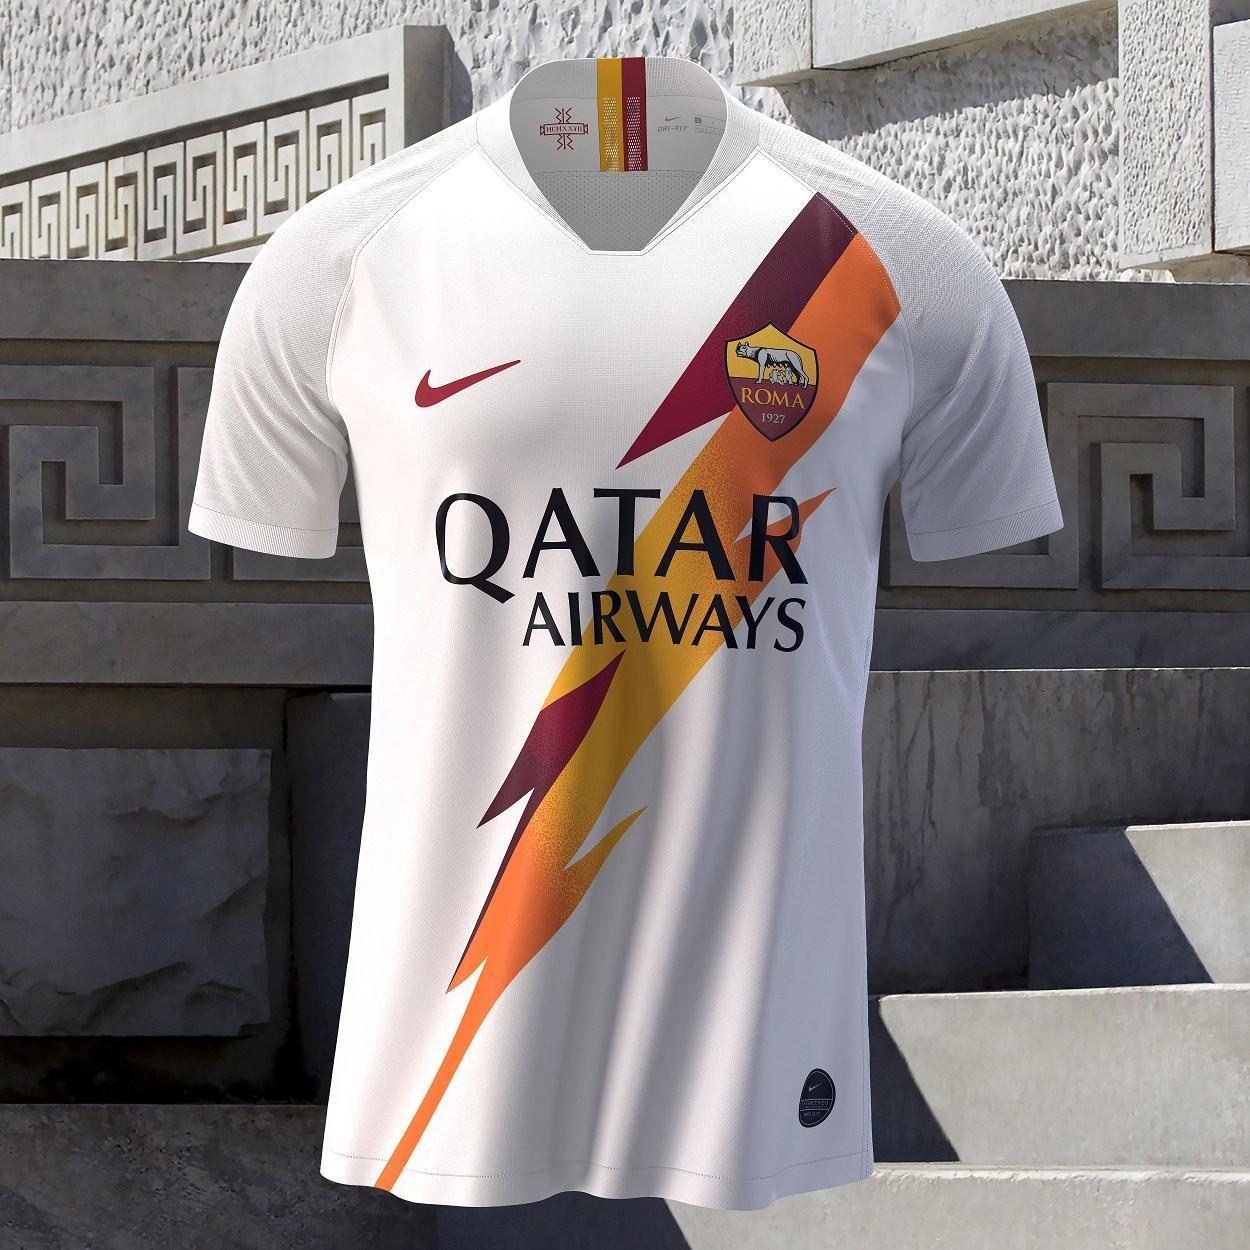 FOTO - Presentata ufficialmente la seconda maglia della Roma 2019/2020